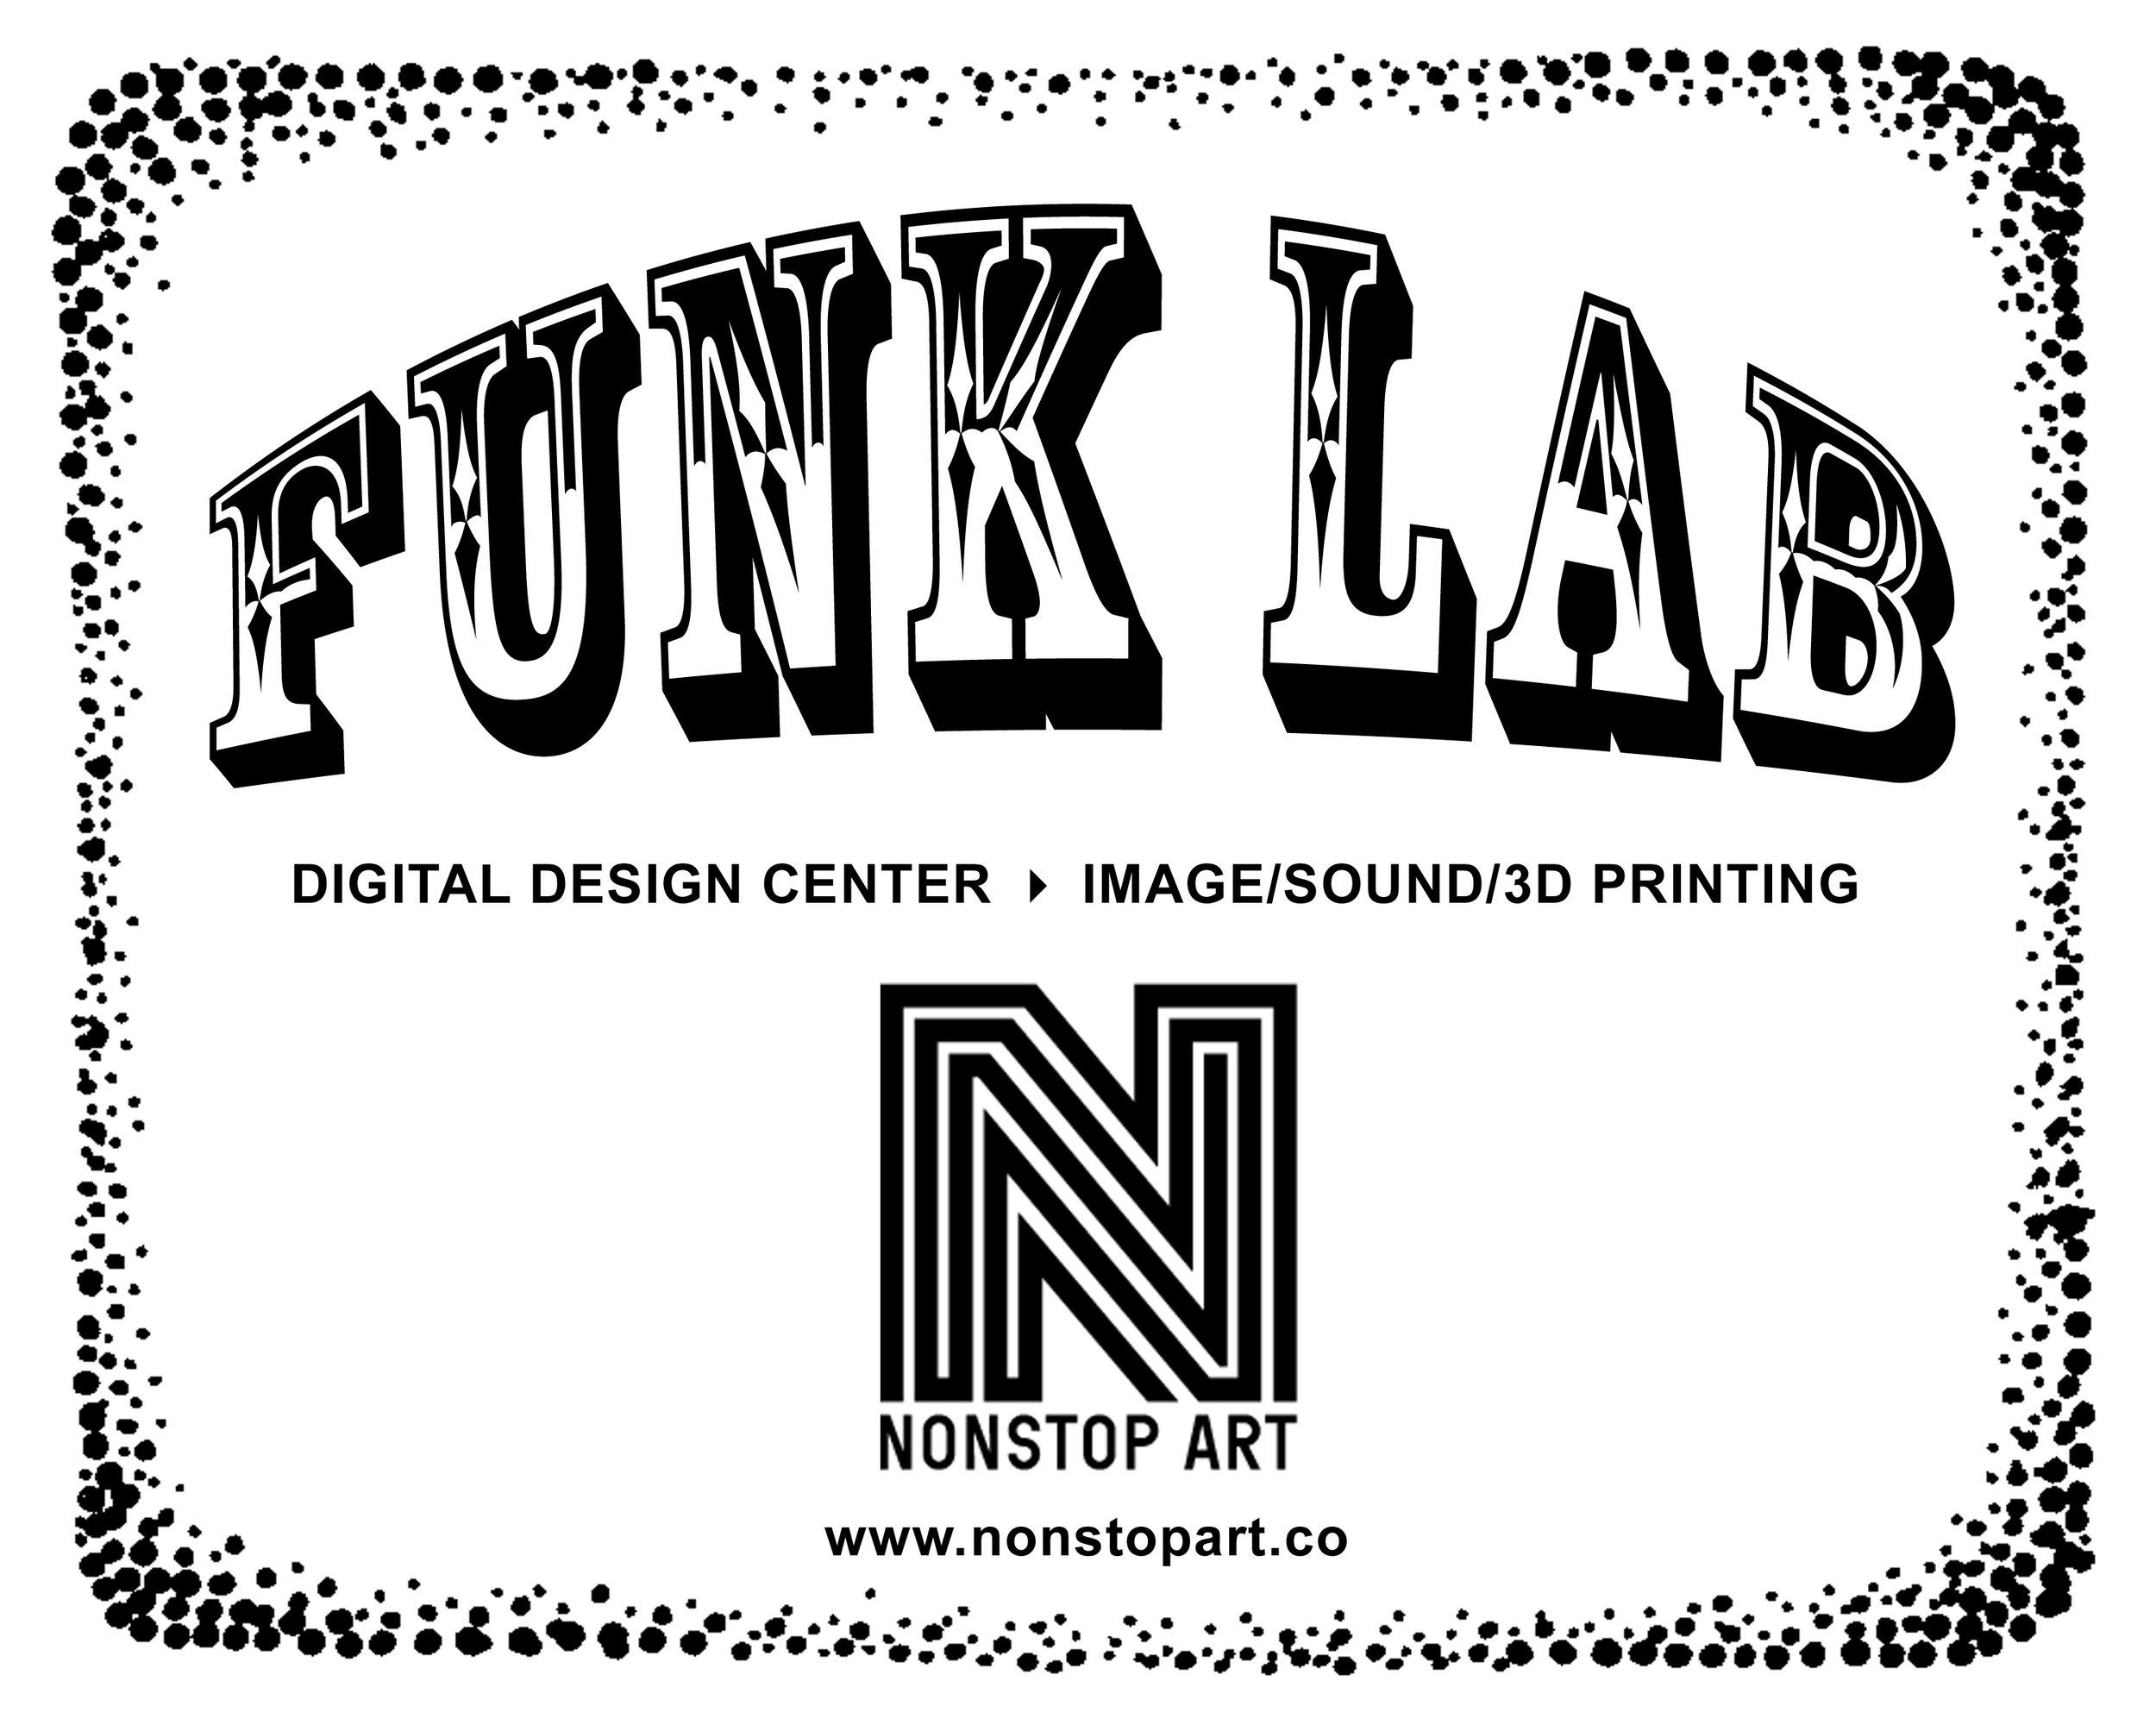 funkSign.jpg